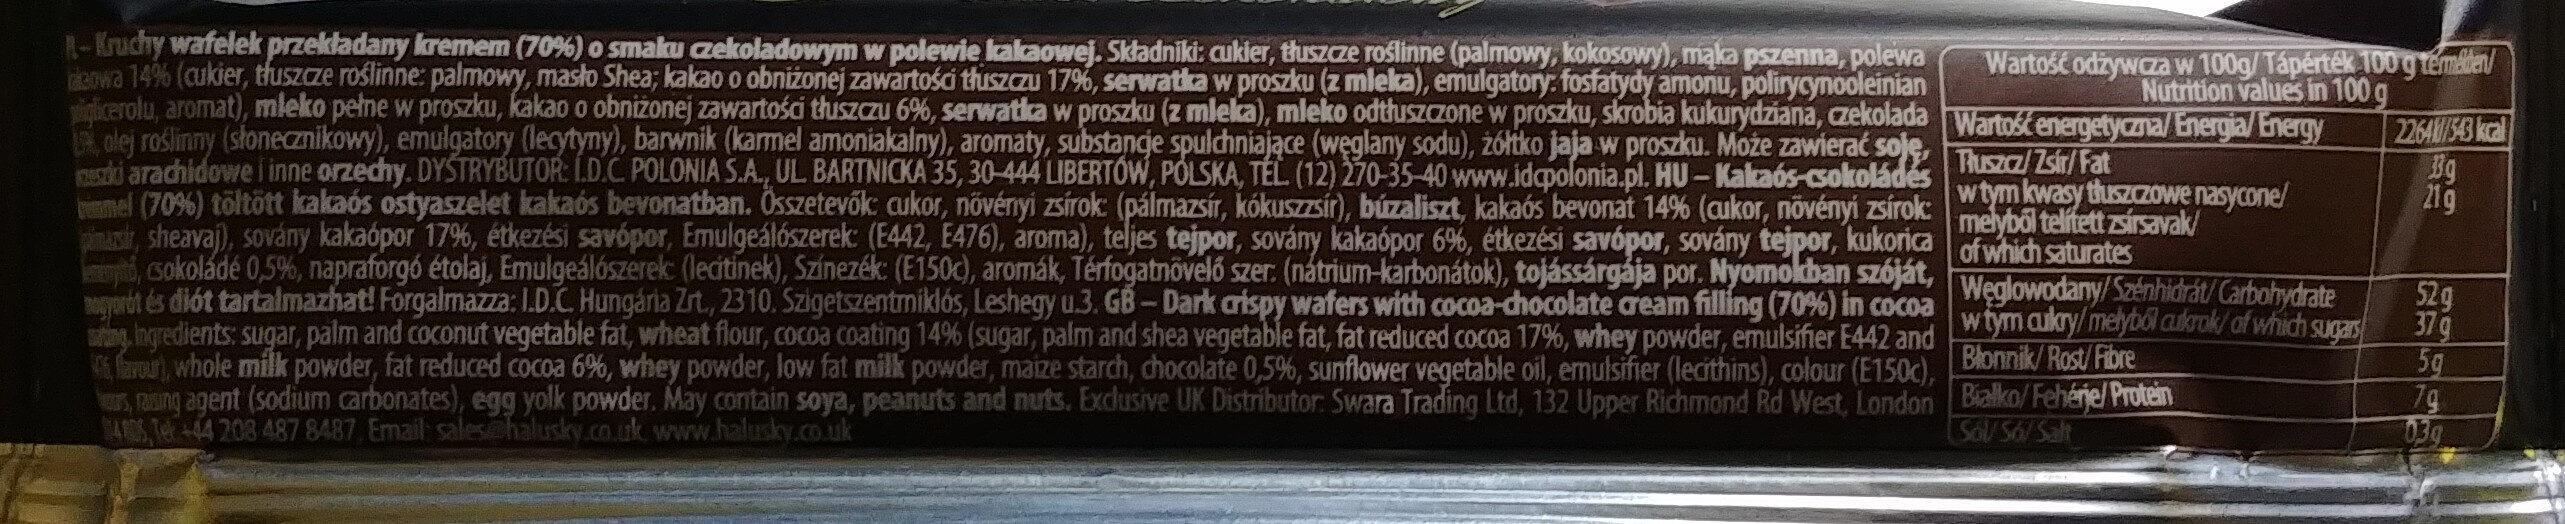 Kruchy wafelek przekładany kremem (70%) o smaku czekoladowym w polewie kakaowej - Składniki - pl